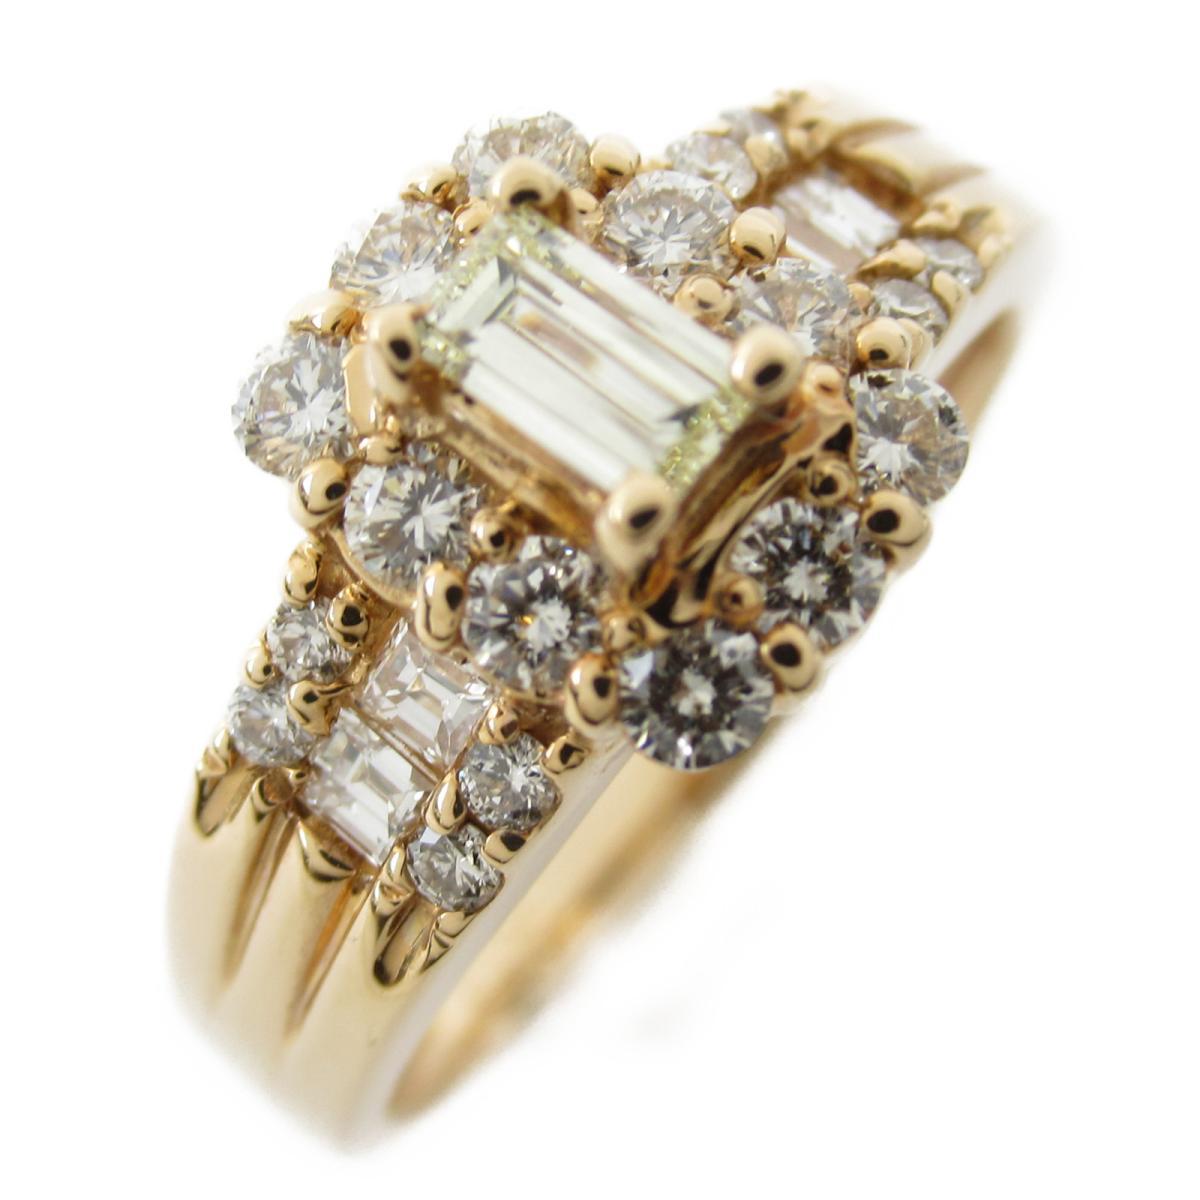 ジュエリー ダイヤモンド リング 指輪 ノーブランドジュエリー レディース K18PG (750) ピンクゴールド x ダイヤモンド0.163 | JEWELRY BRANDOFF ブランドオフ アクセサリー